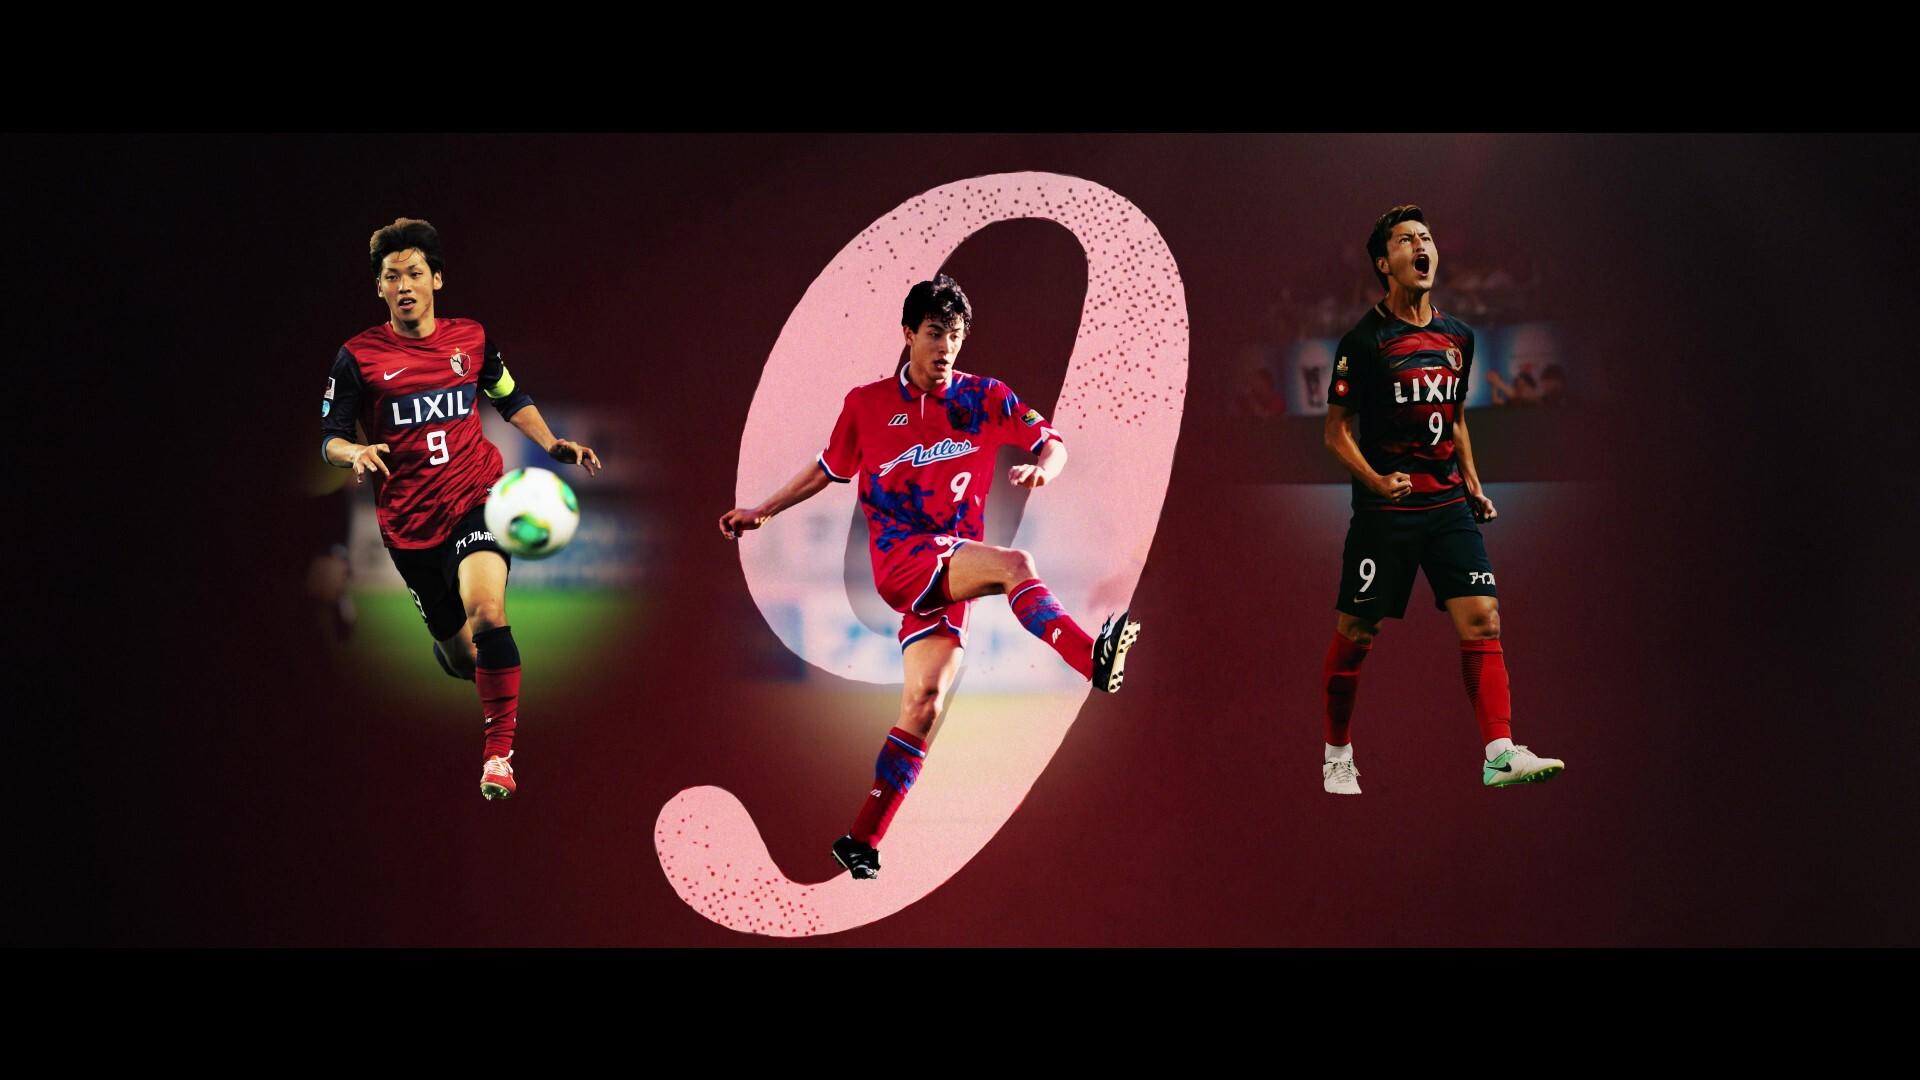 【鹿島アントラーズ】SQUAD NUMBERS〜背番号の記憶〜 #9 大いなる義務